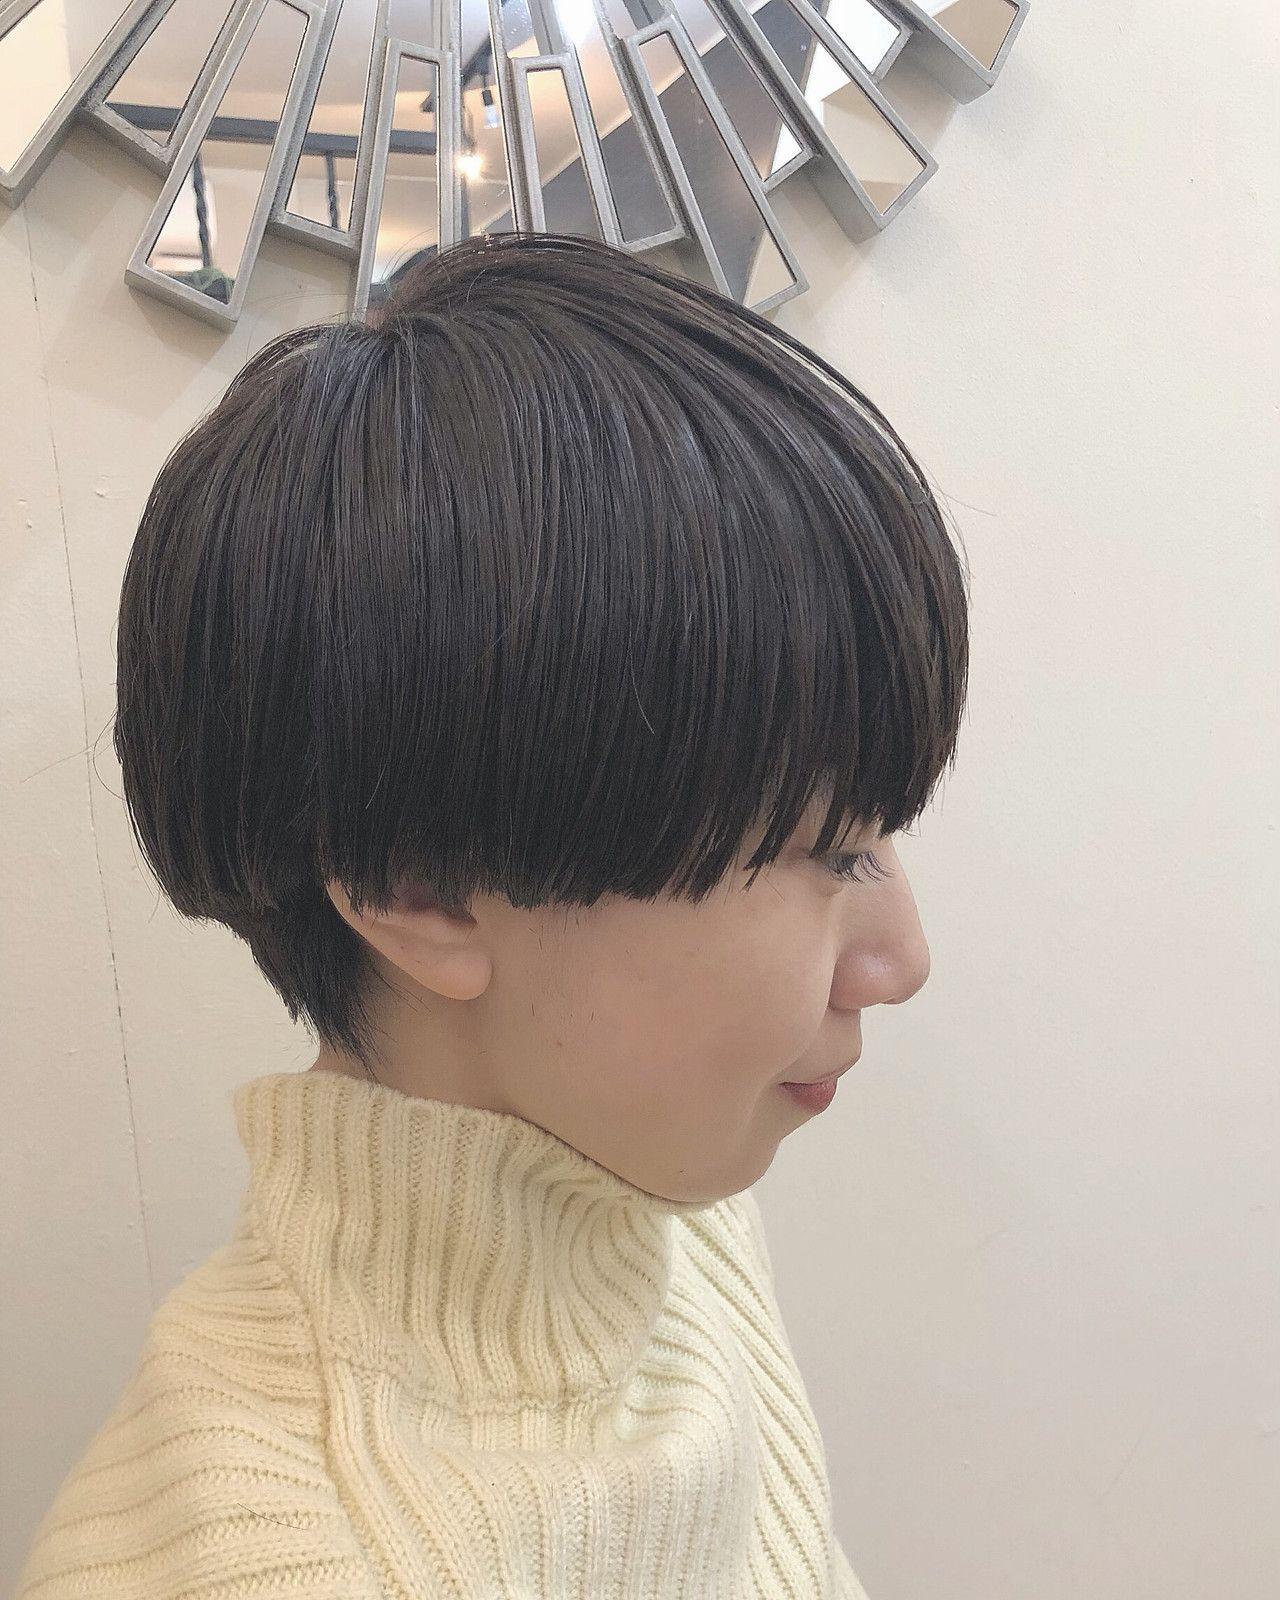 ほんのりセクシーな髪型 メンズライクなマッシュヘア大特集 短い髪